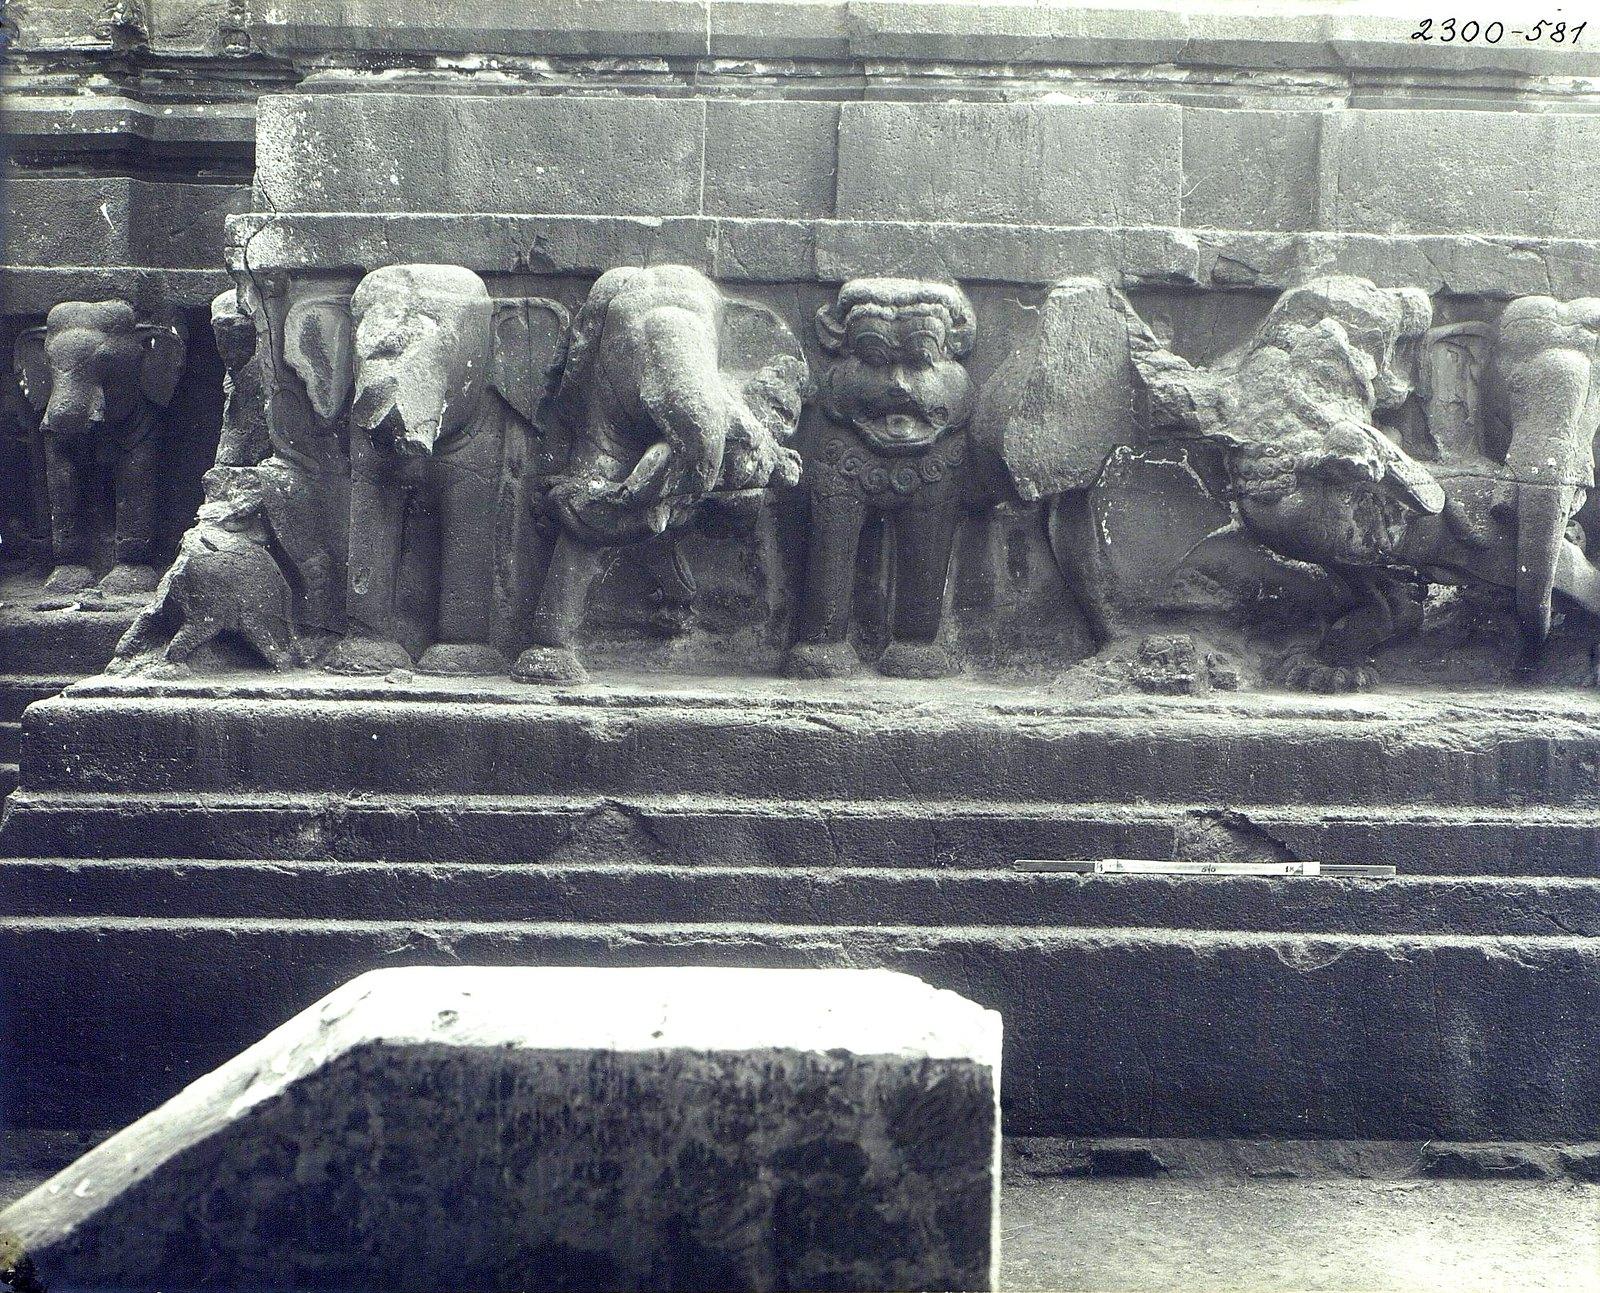 Храм Кайласа в Эллоре (деталь рельефа со слонами и львами) (11)